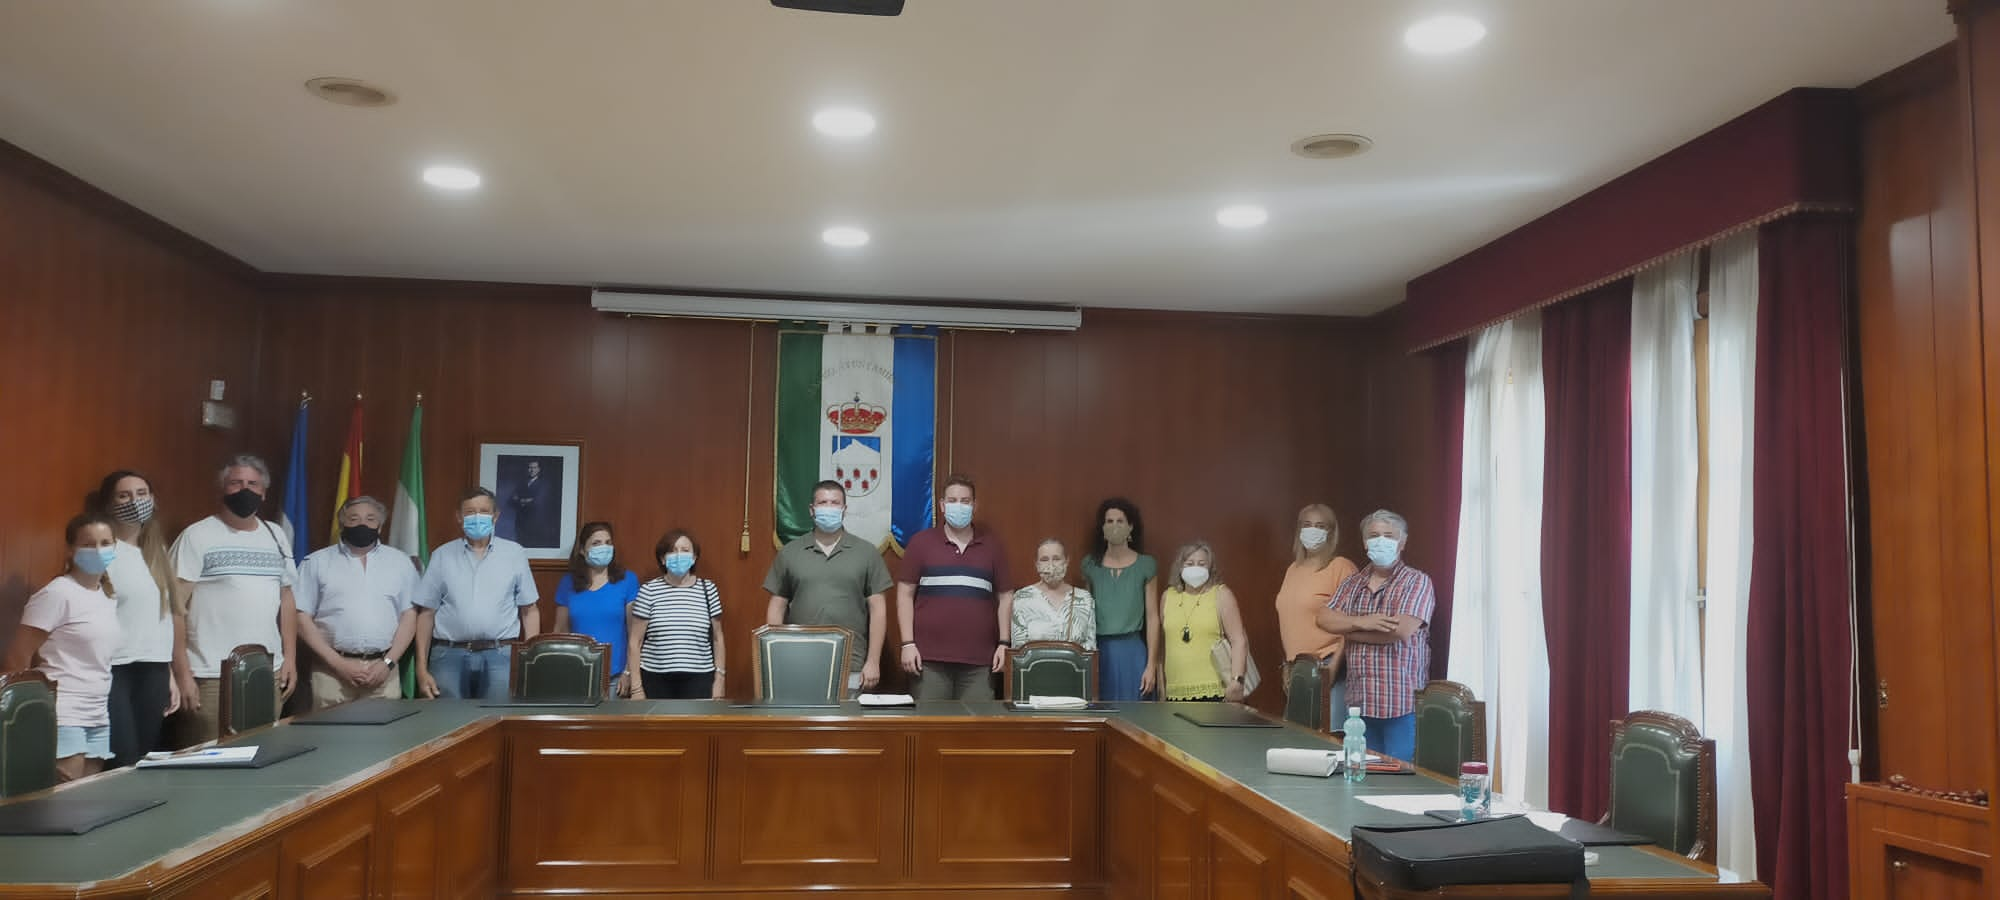 Monachil implica a las asociaciones en las decisiones municipales mediante el Consejo de Participación Ciudadana